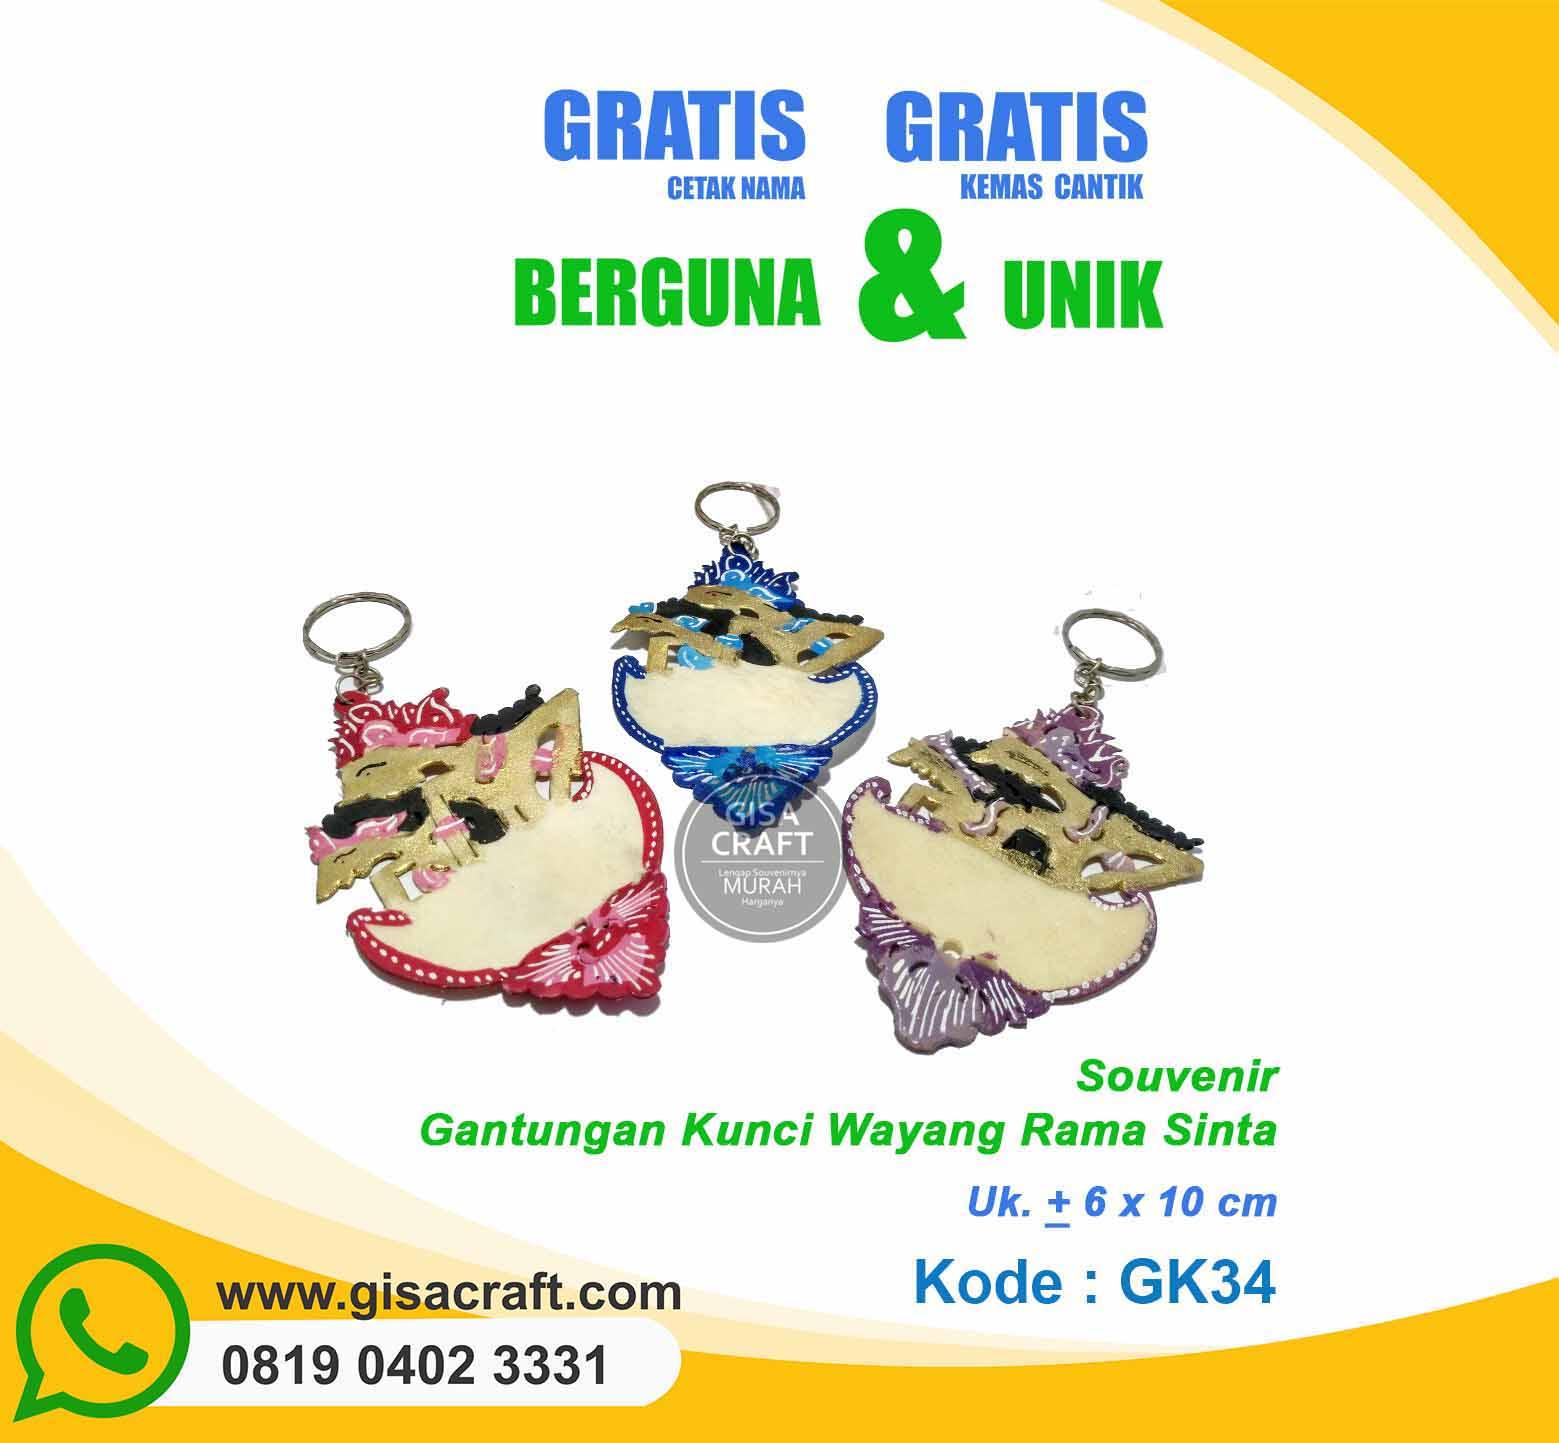 Souvenir Gantungan Kunci Wayang Rama Sinta GK34